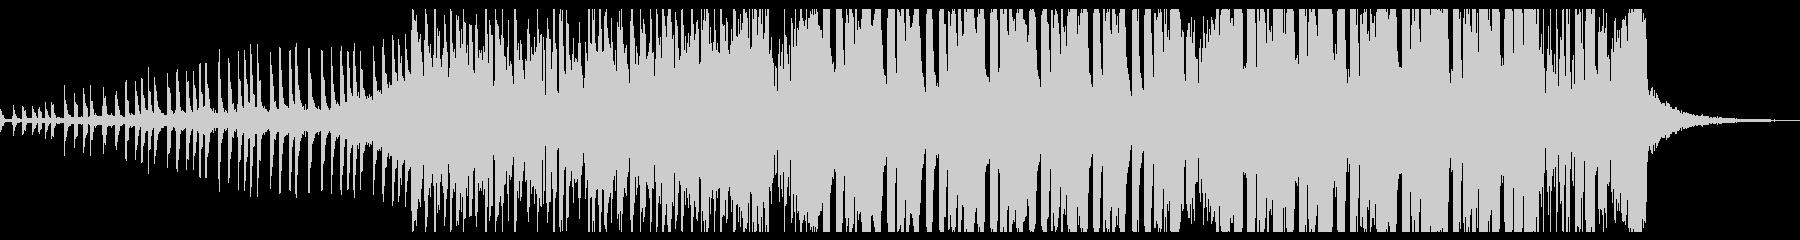 夏らしいサウンドのメルボルンバウンスの未再生の波形